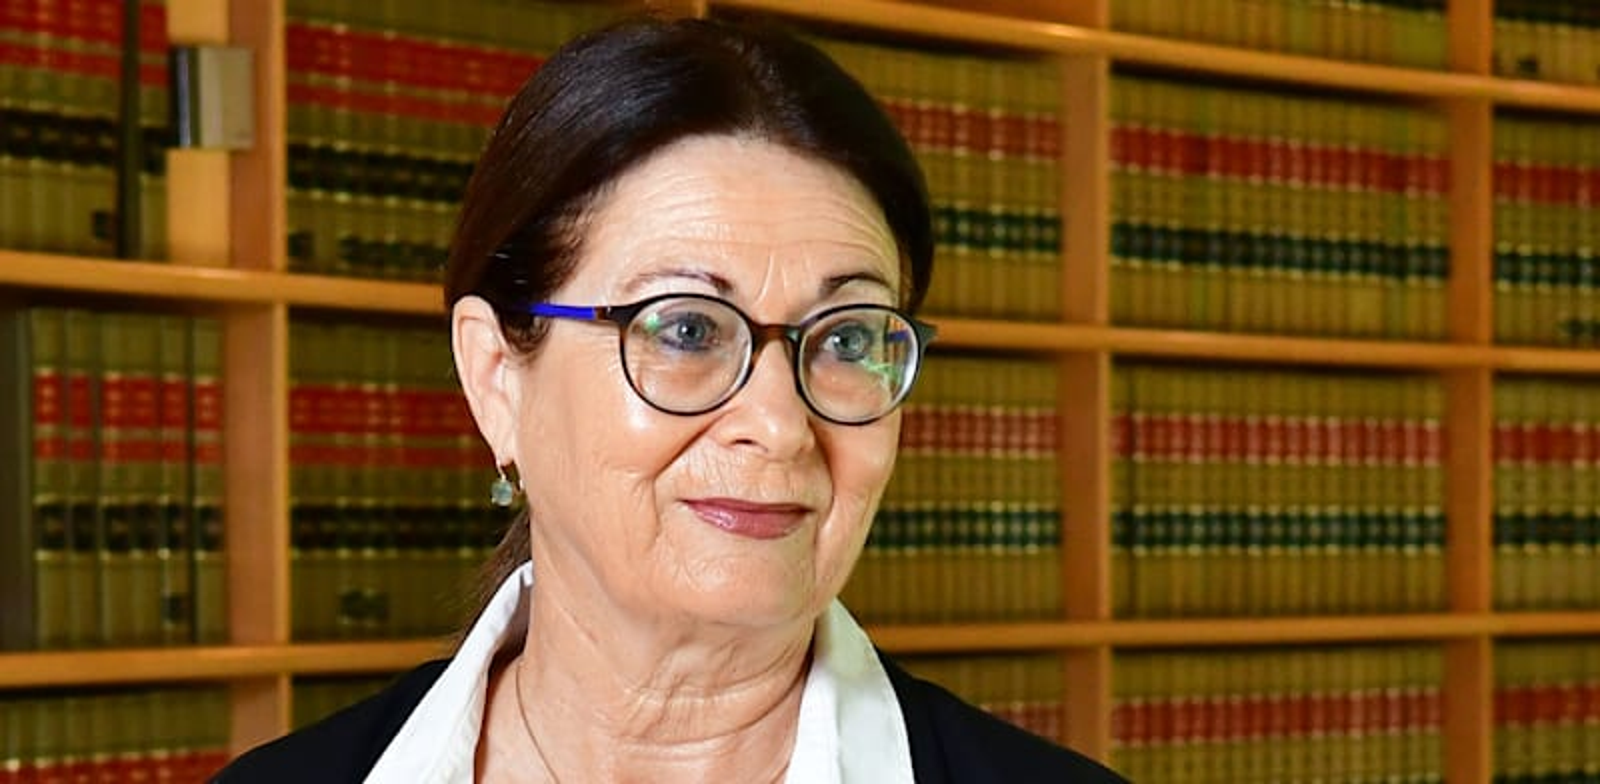 נשיאת בית המשפט העליון, השופטת אסתר חיות / צילום: רפי קוץ